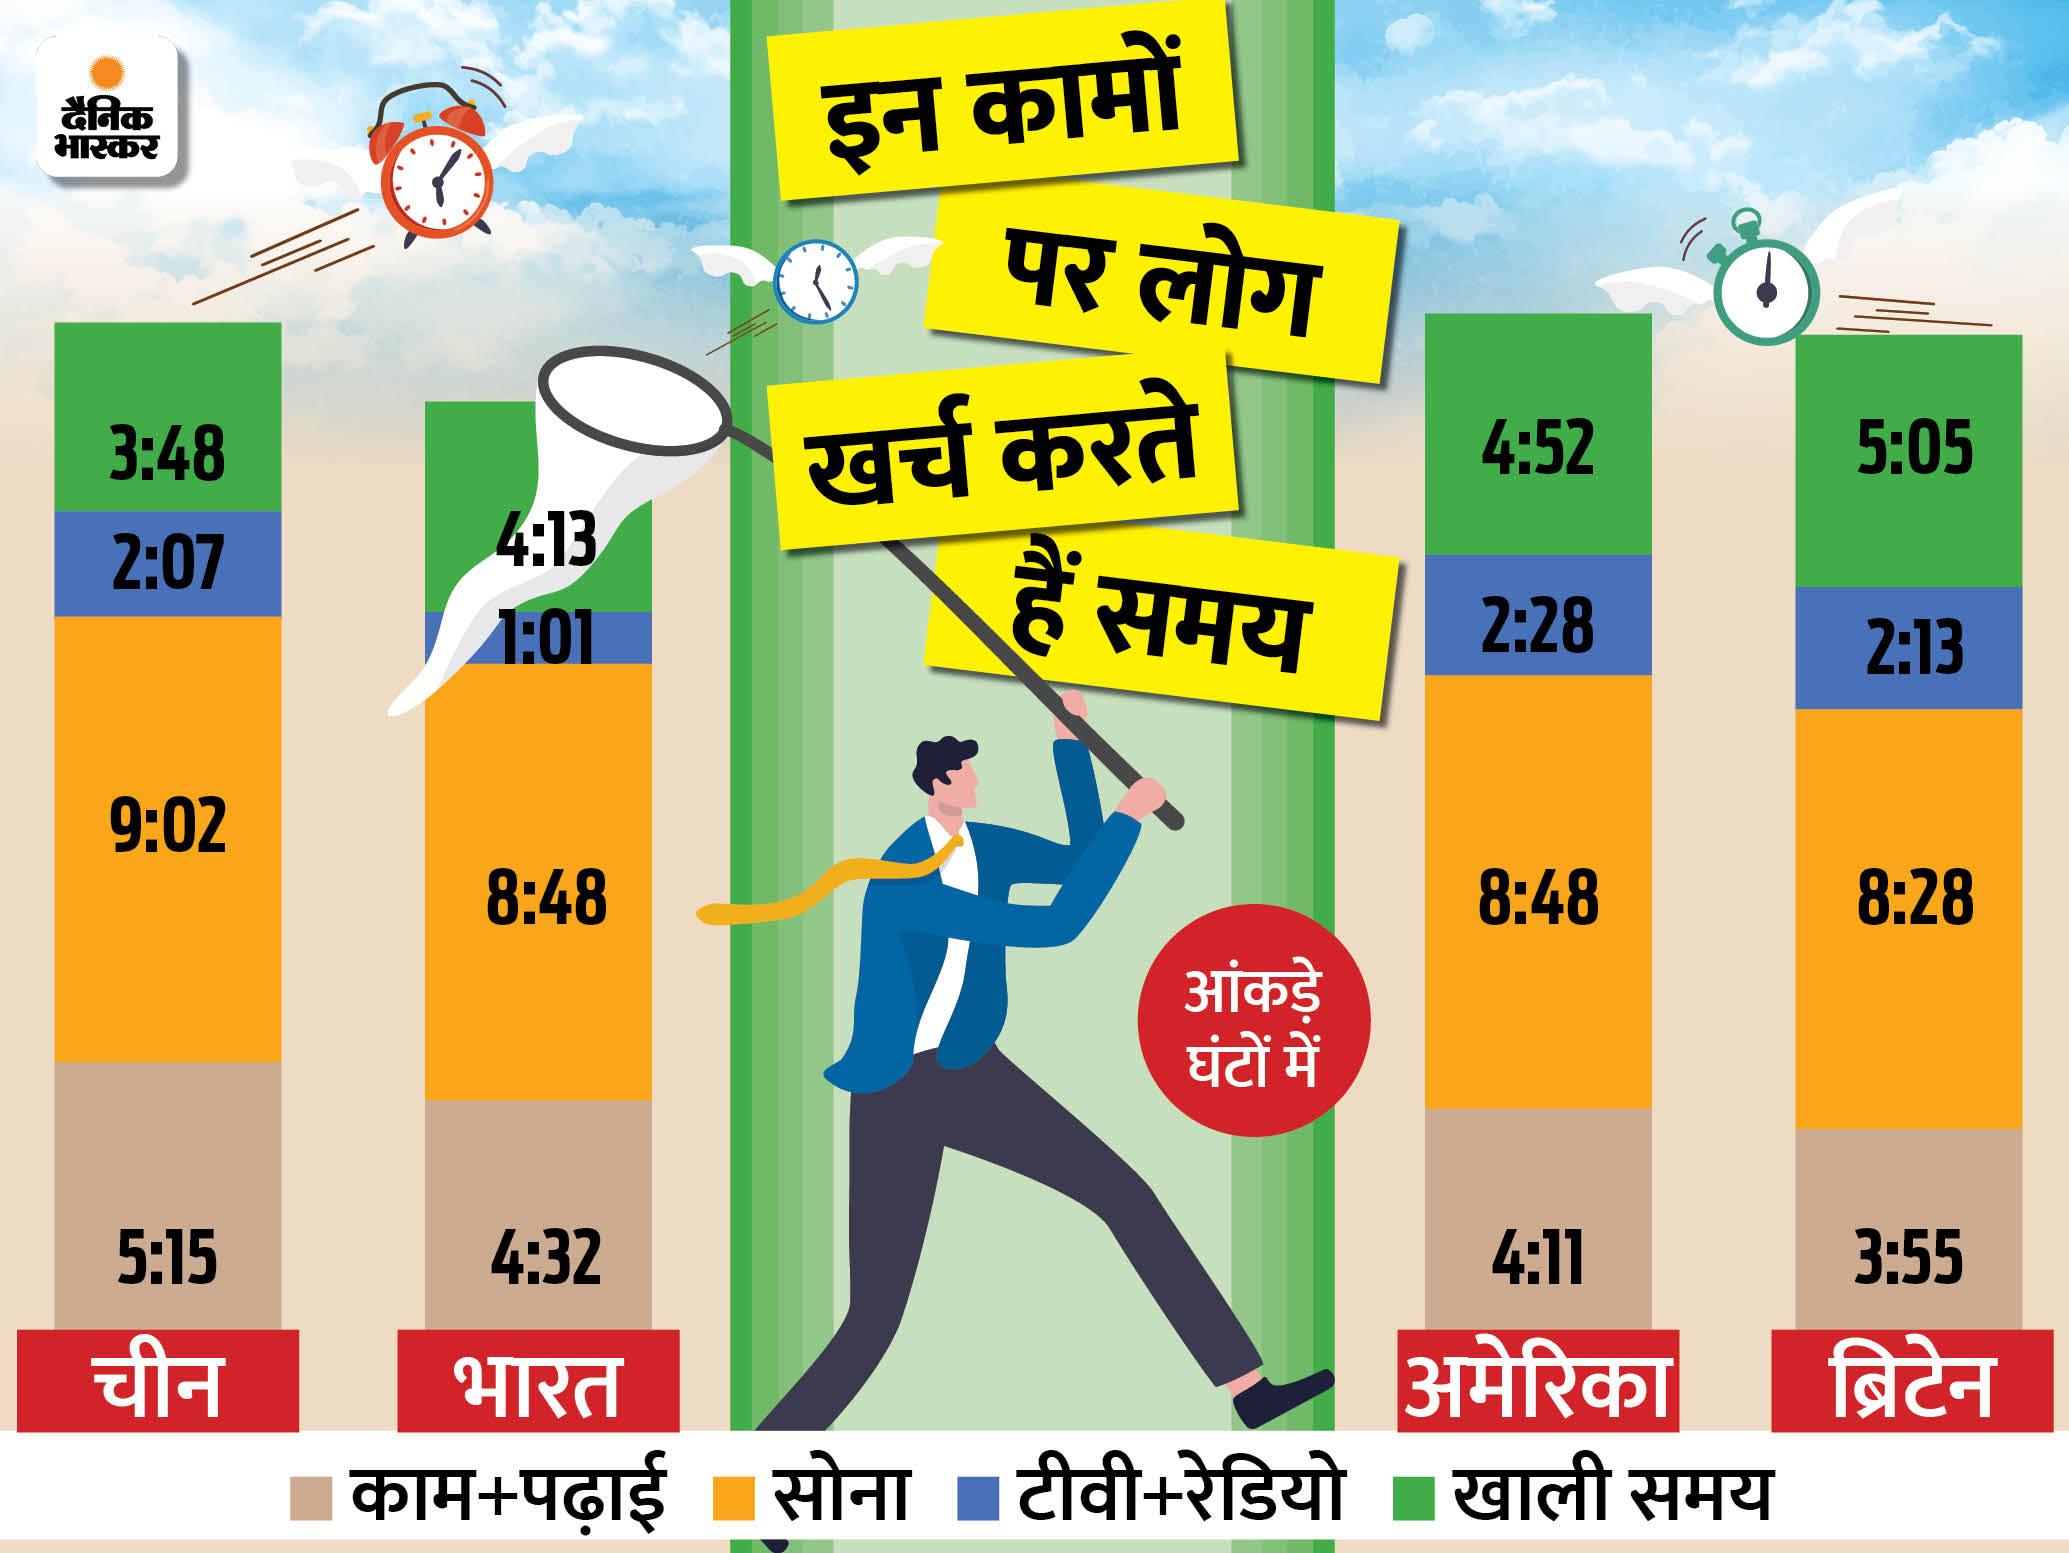 भास्कर ओरिजिनल: भारत-चीन में लोग सबसे ज्यादा सोते हैं, अमेरिका में ढाई घंटे टीवी देखते हैं, जानें अलग-अलग द... - दैनिक भास्कर